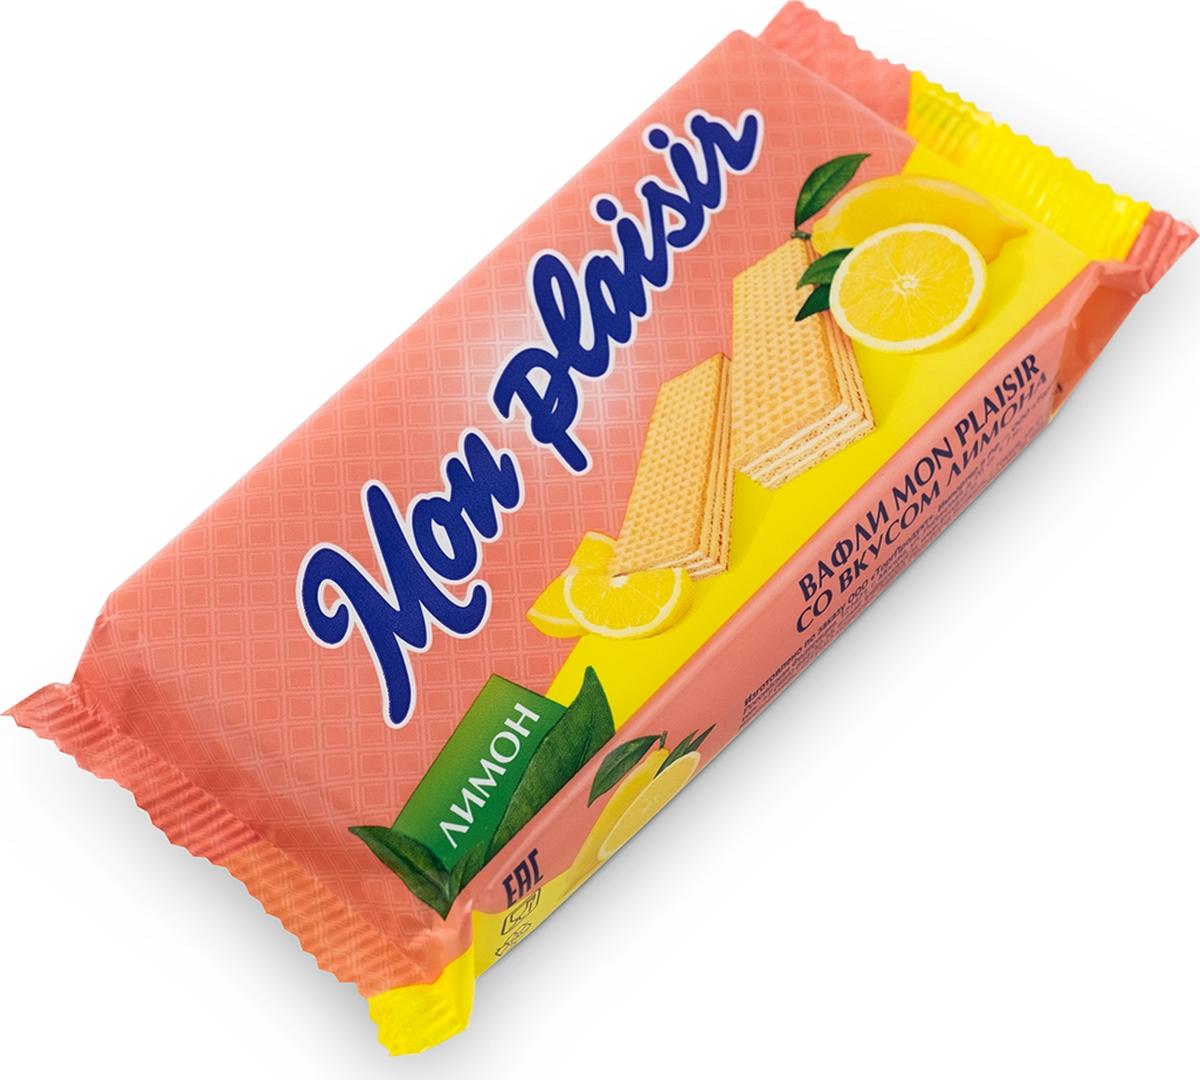 Mon Plaisir вафли со вкусом лимона, 72 г вафли акульчев венские со вкусом взбитые сливки 140г